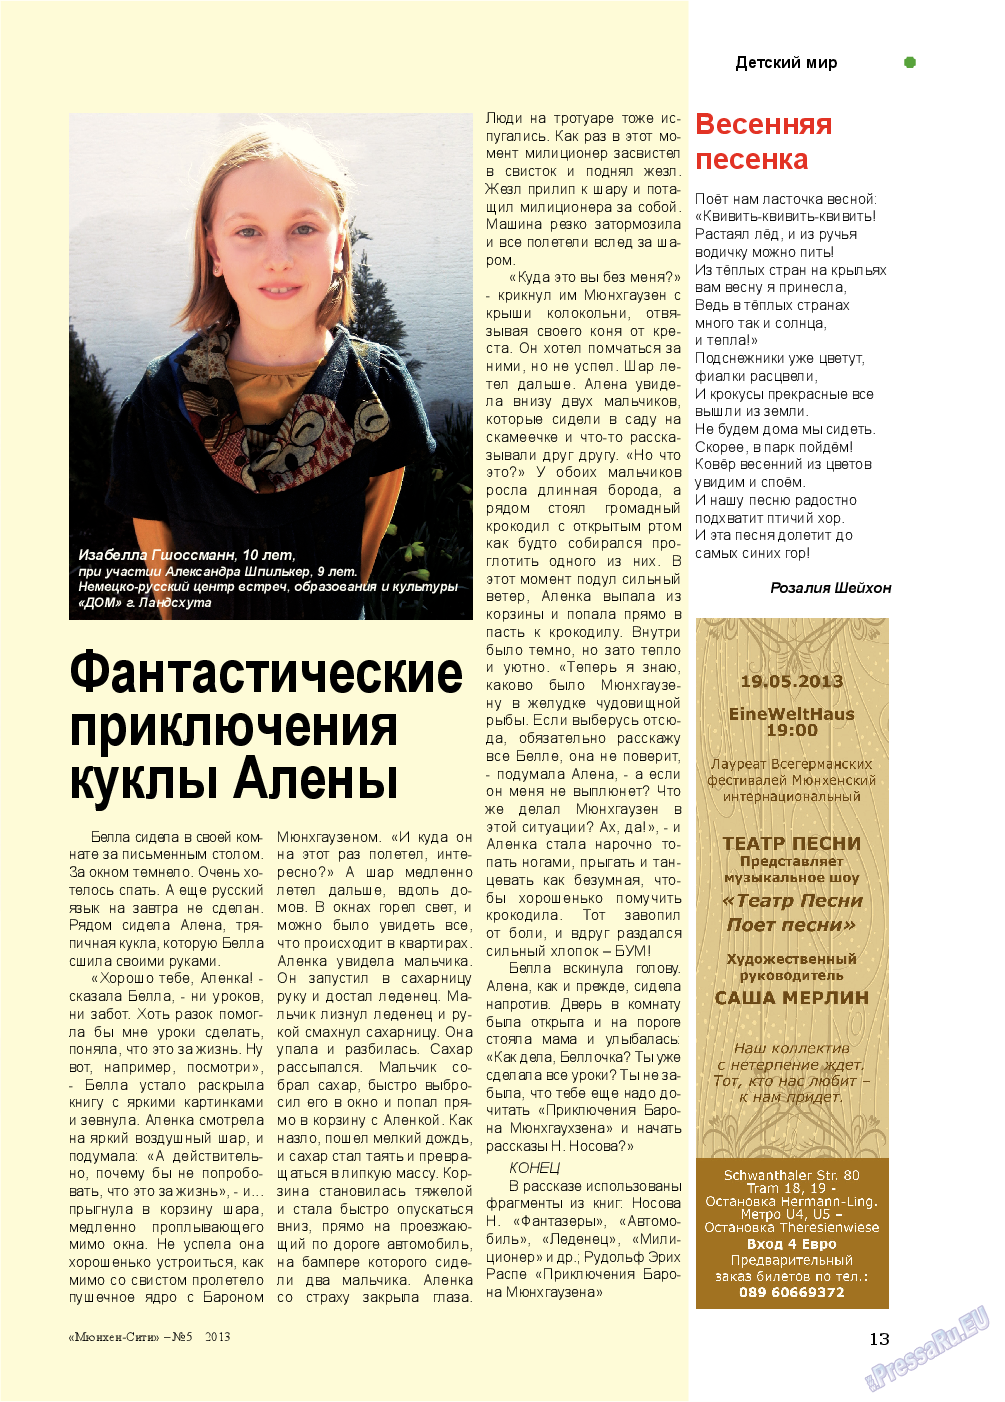 Мюнхен-сити (журнал). 2013 год, номер 5, стр. 13